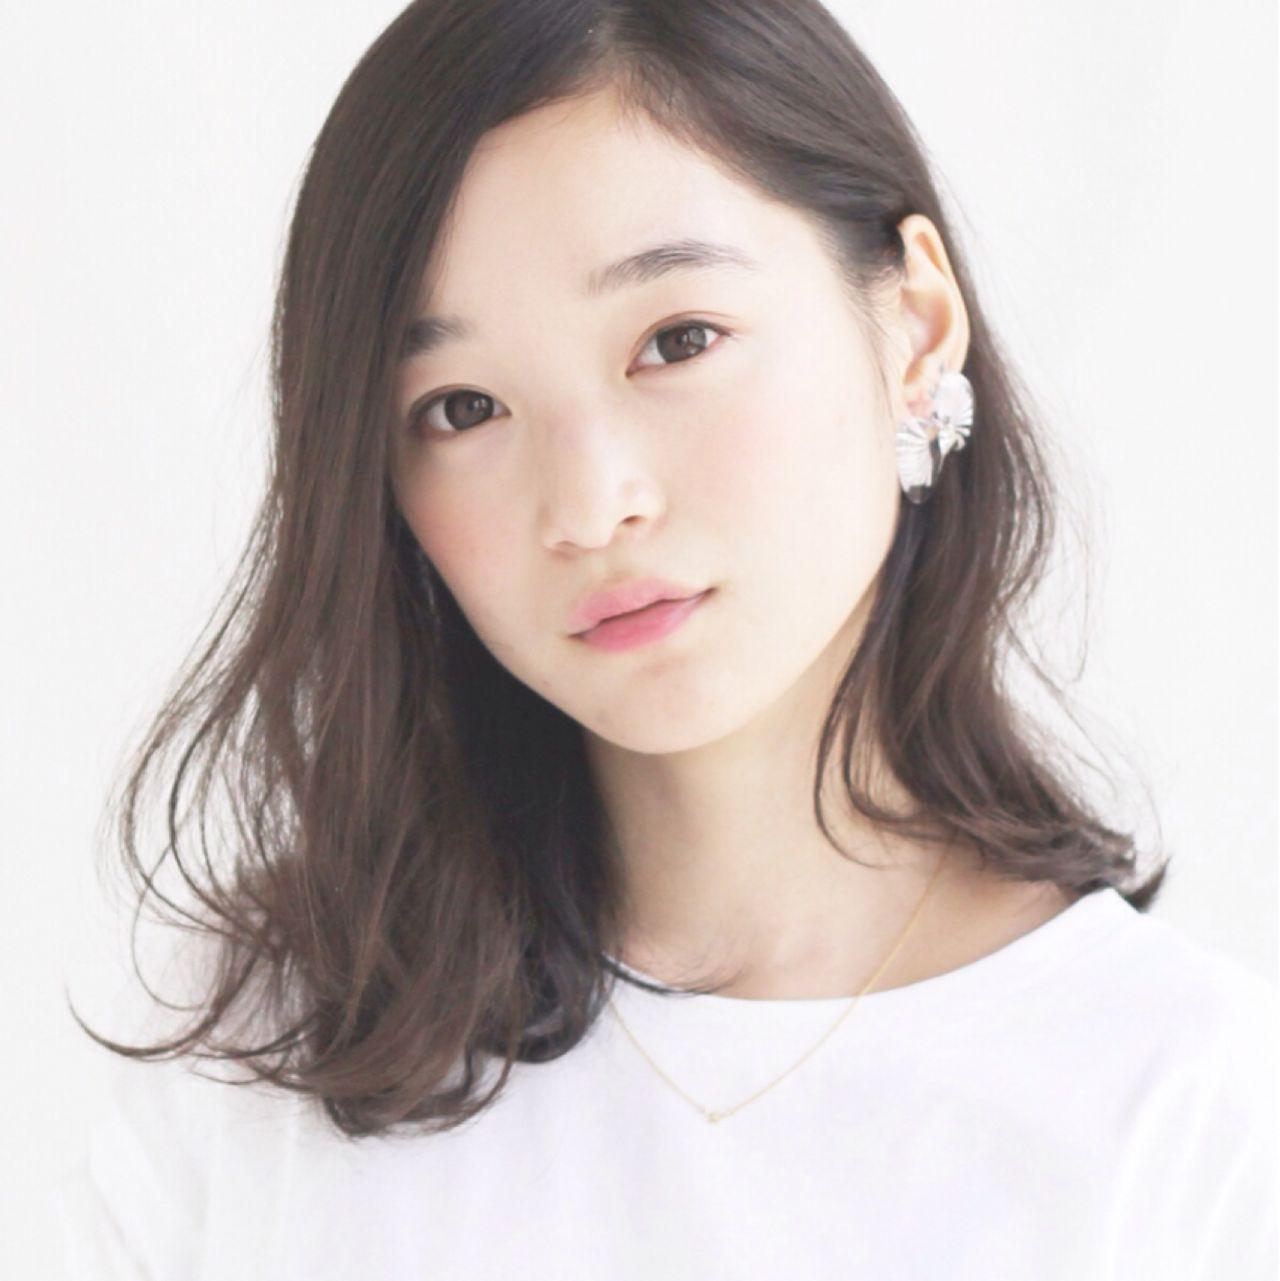 モテる女子は実践中!可愛すぎる黒髪ミディアムパーマ12選♡ 佐野 正人 / nanuk